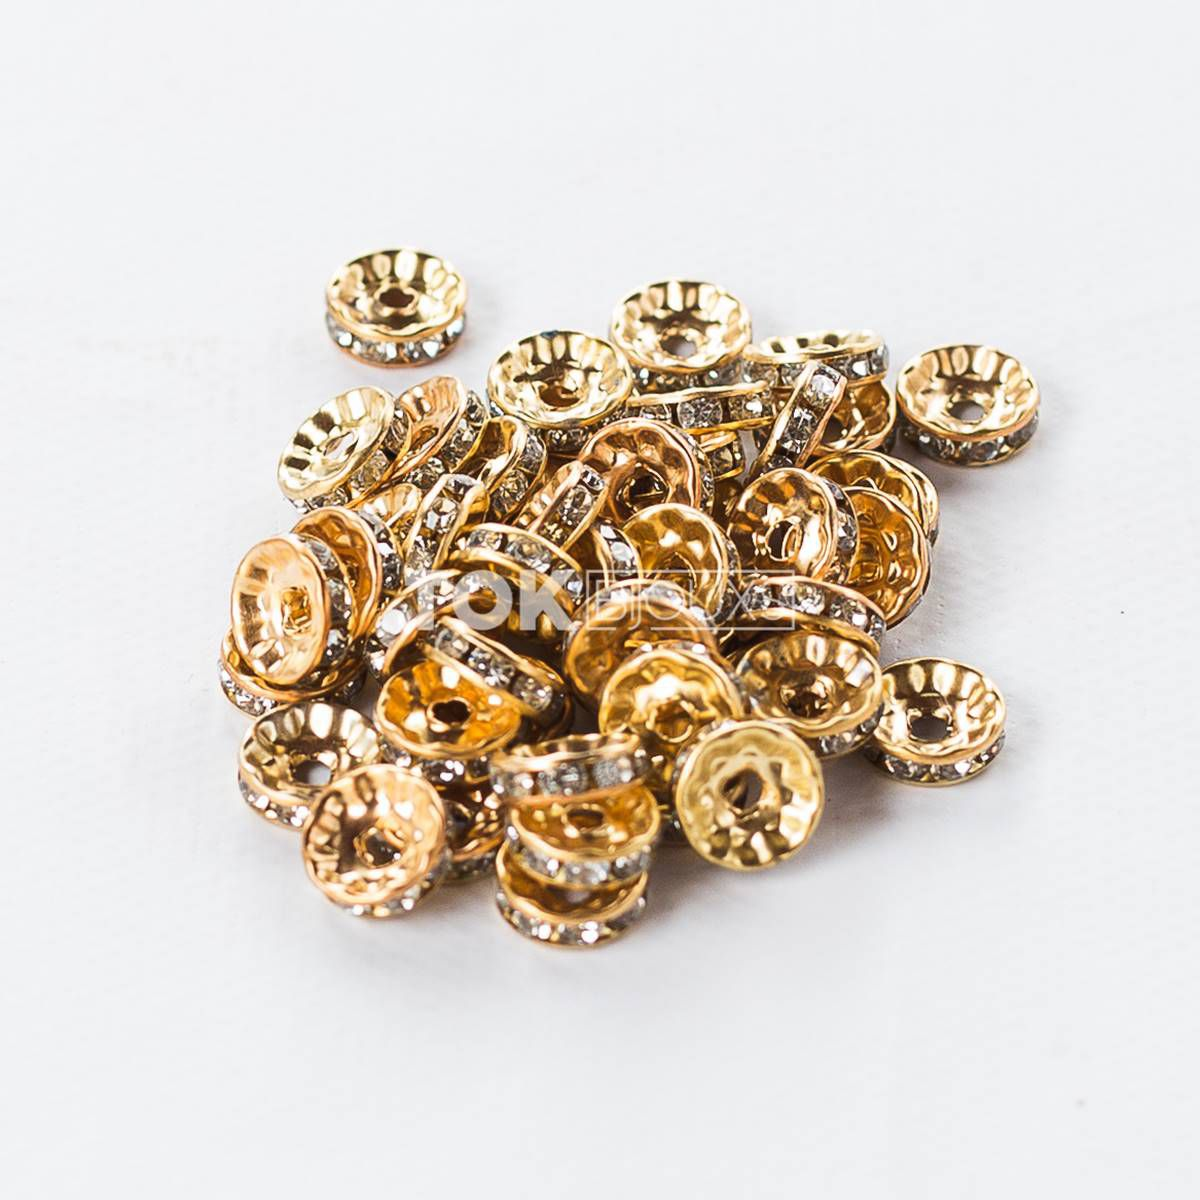 Rondelle Strass 10mm - Dourado - 50 unid